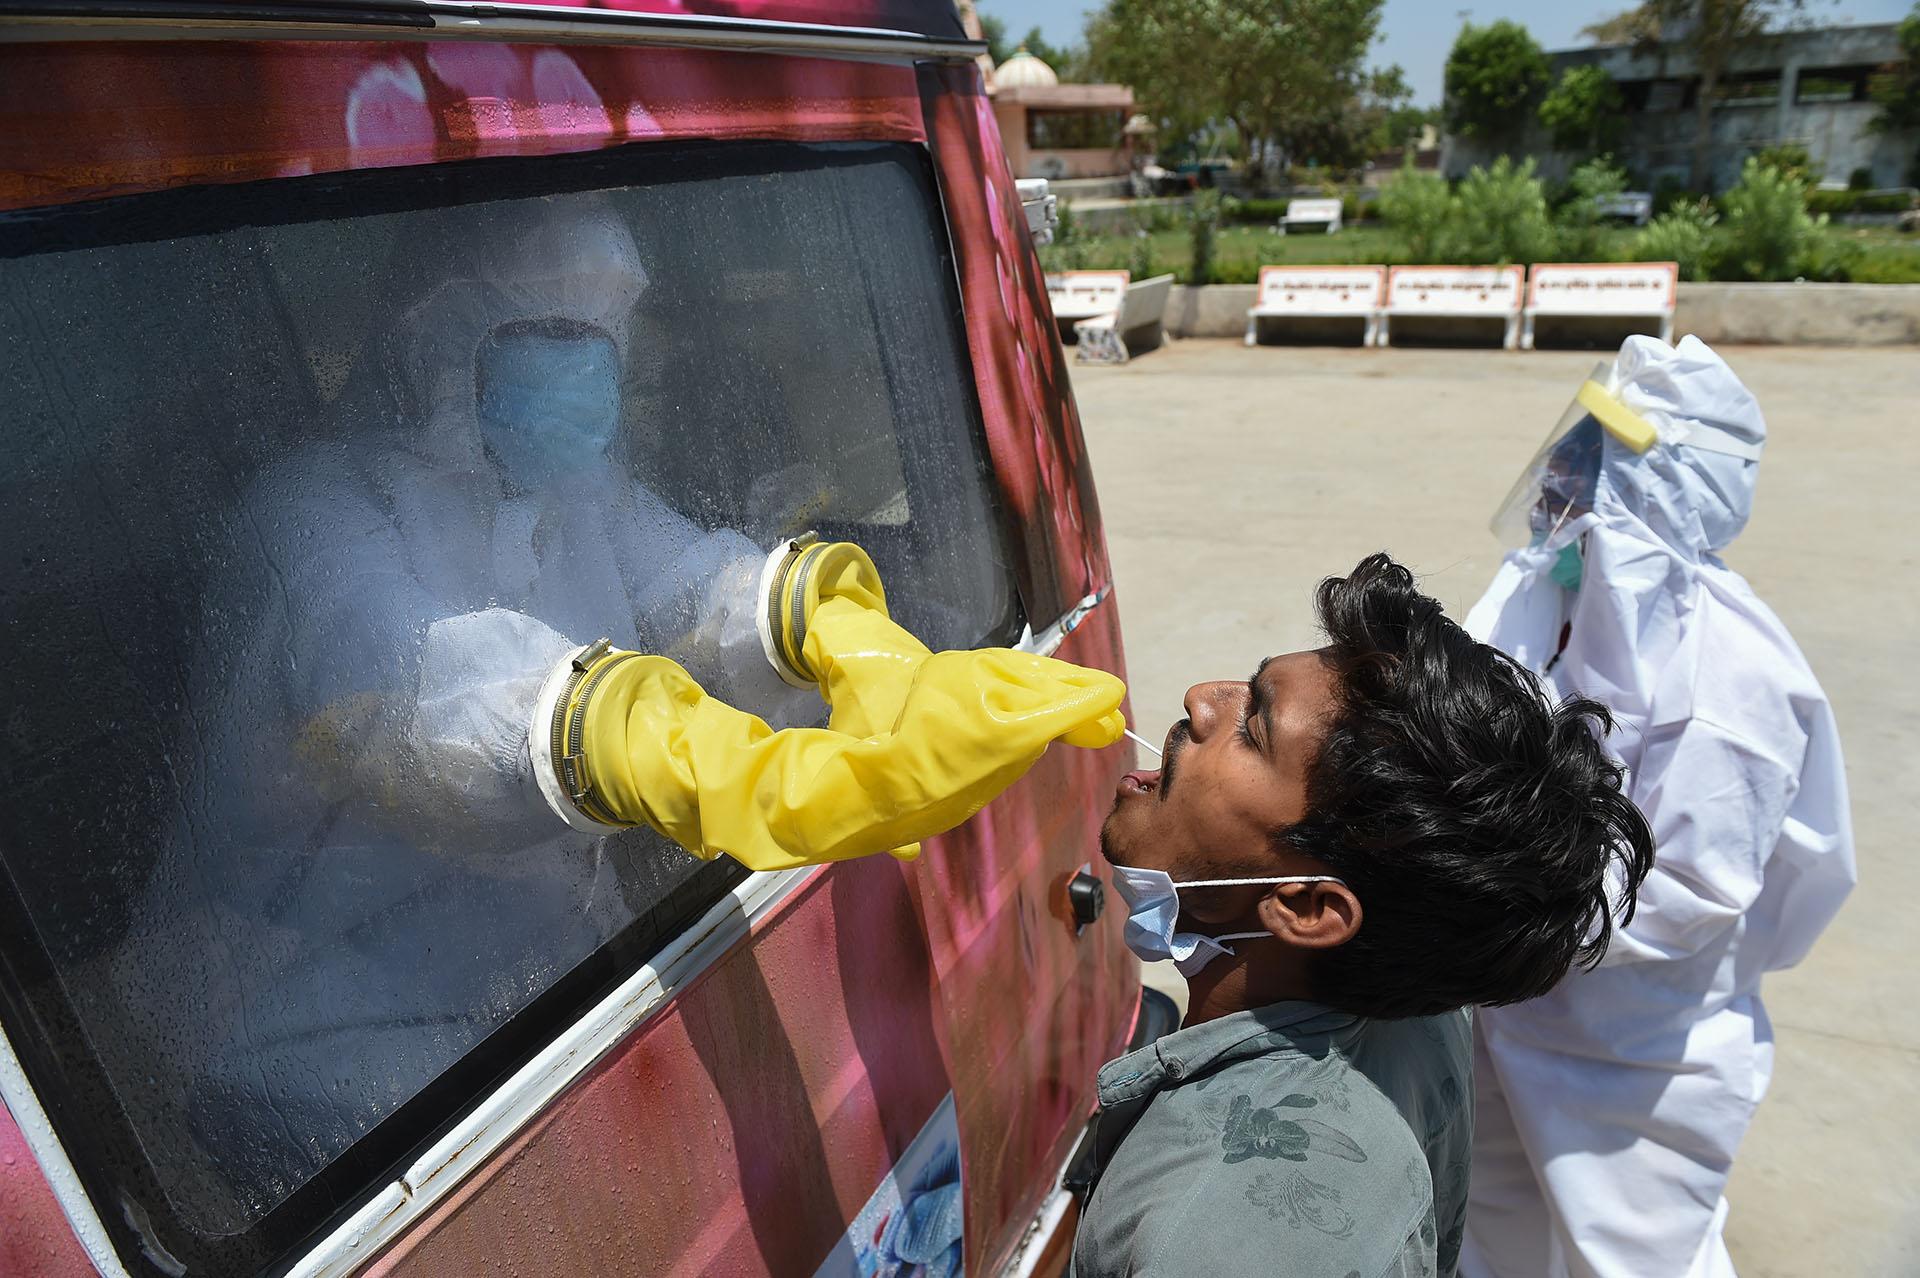 Un funcionario de salud utiliza un hisopo para recoger una muestra de un hombre para la prueba de COVID-19 desde el interior de una furgoneta móvil en la aldea de Changodar, a unos 20 kms de Ahmedabad, el 23 de abril de 2020. (Foto de SAM PANTHAKY / AFP)